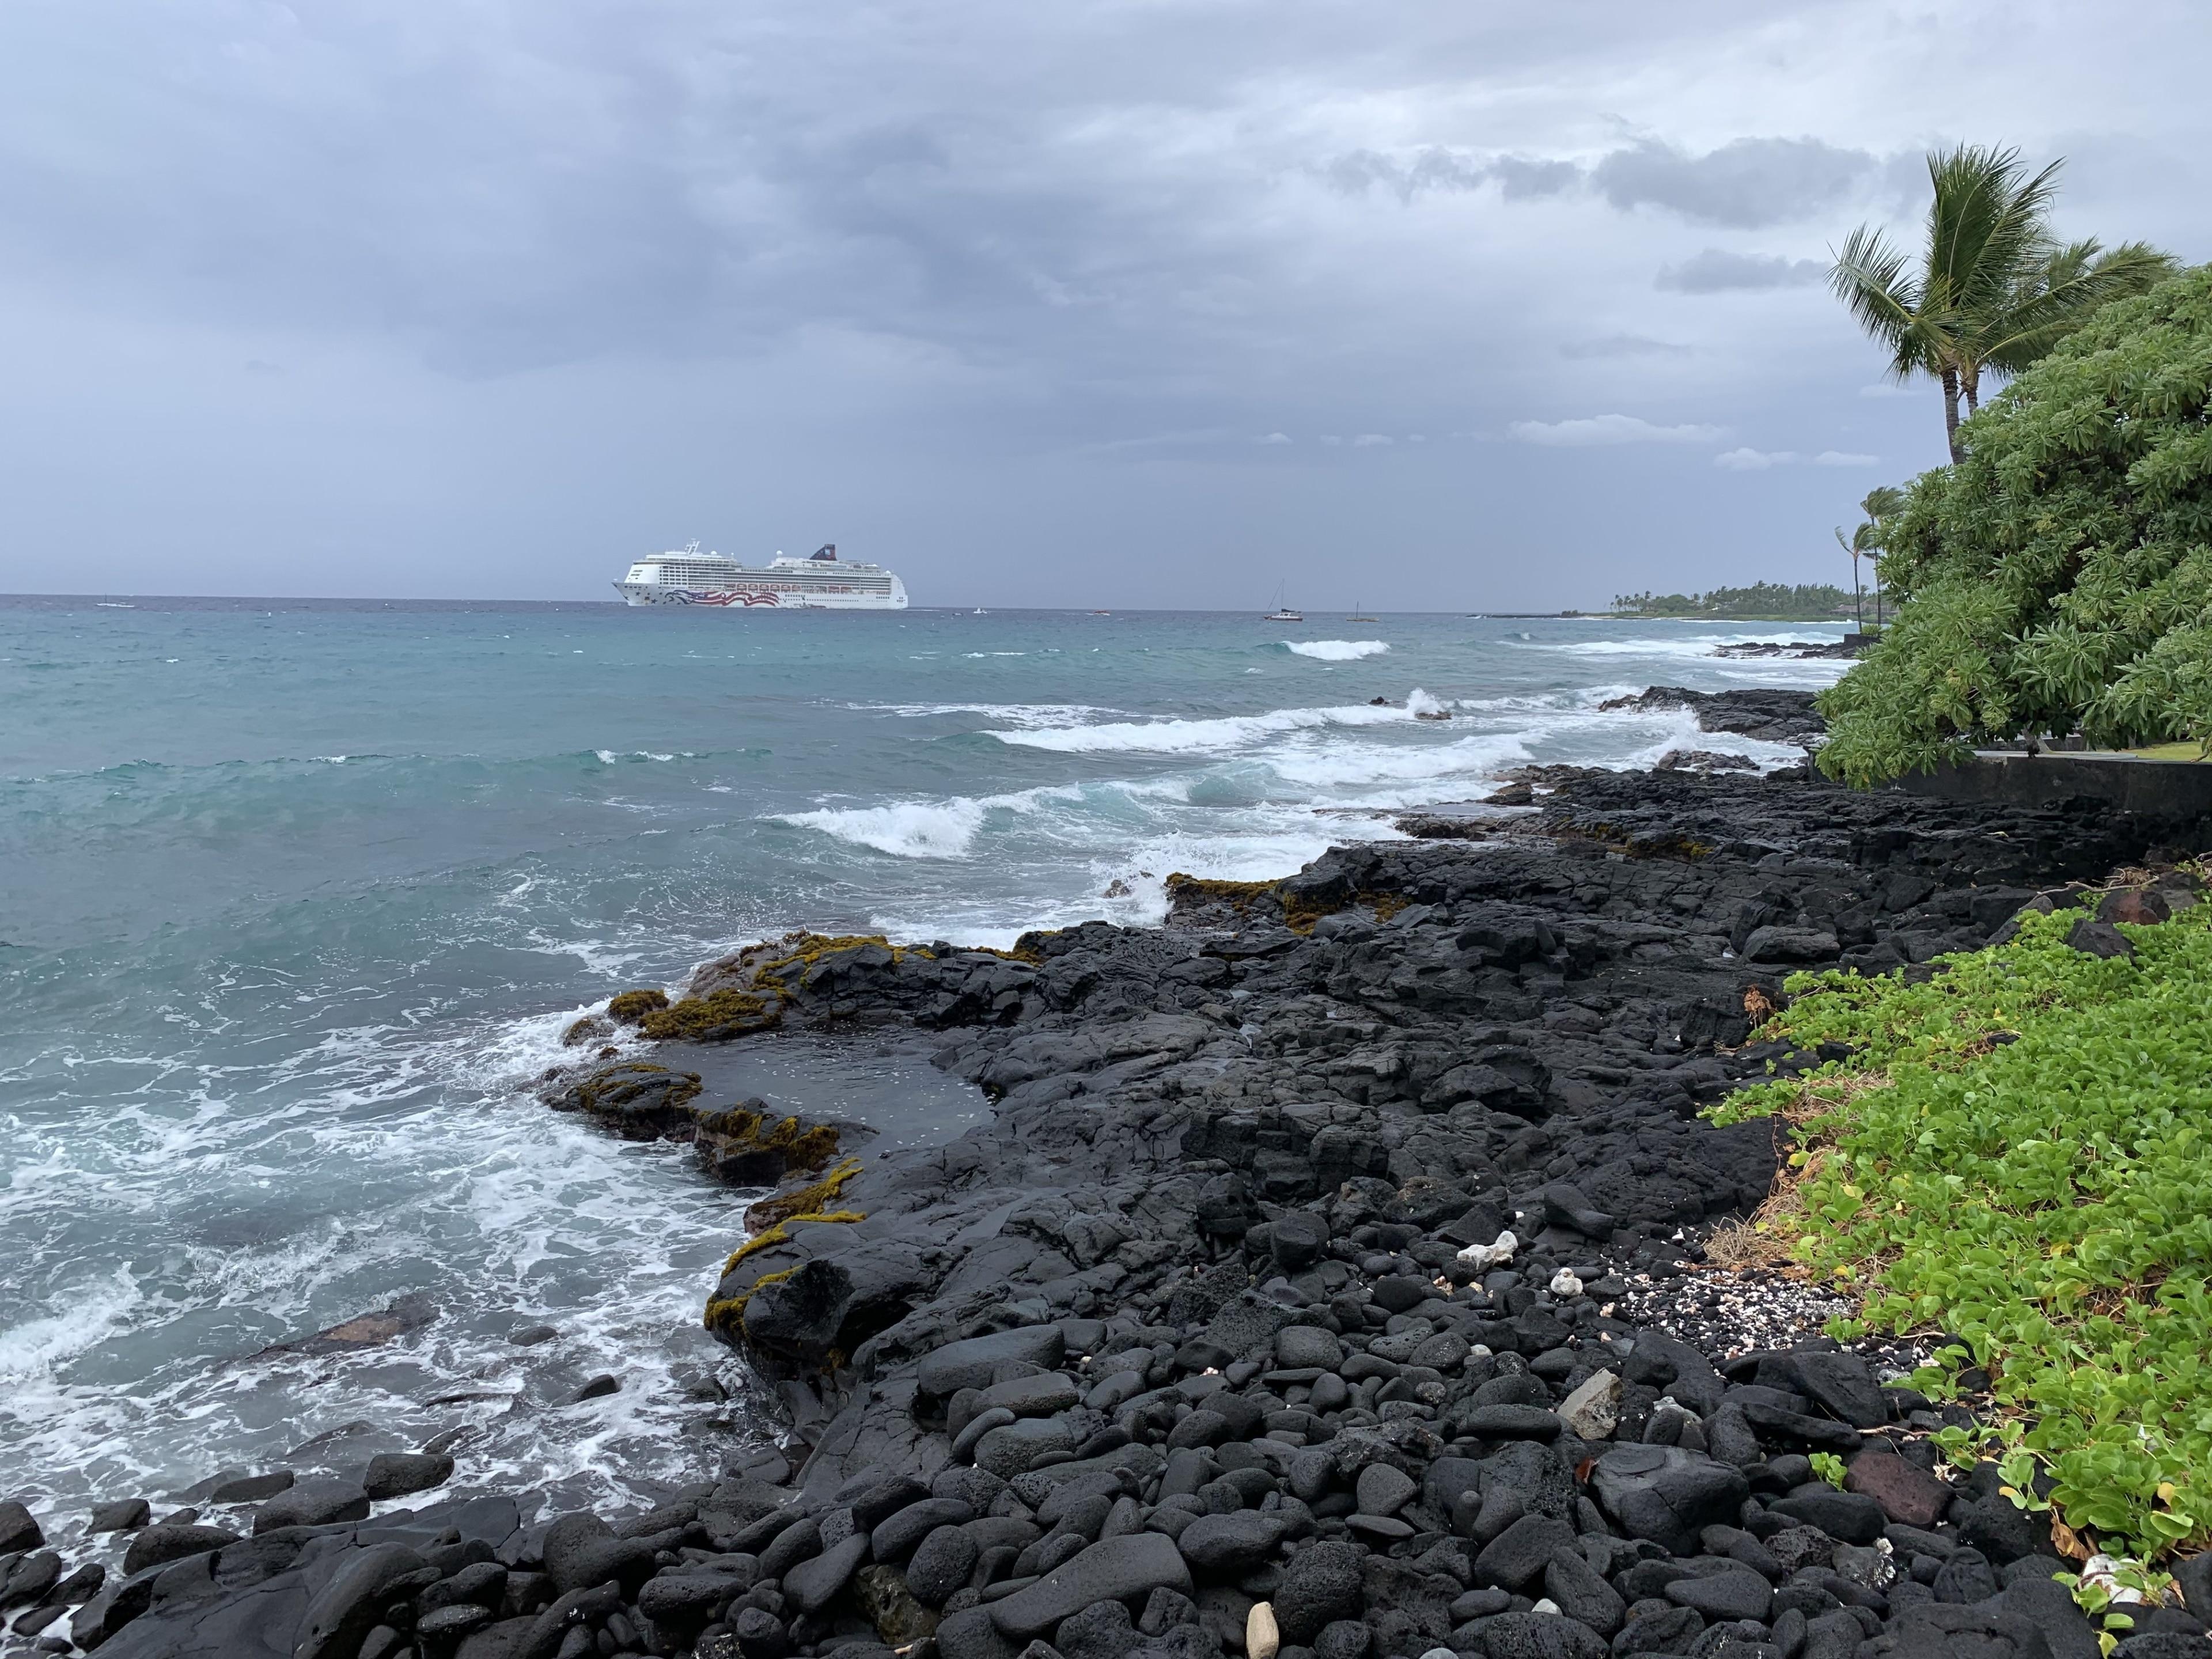 Alii Cove, Kailua-Kona, Hawaii, United States of America